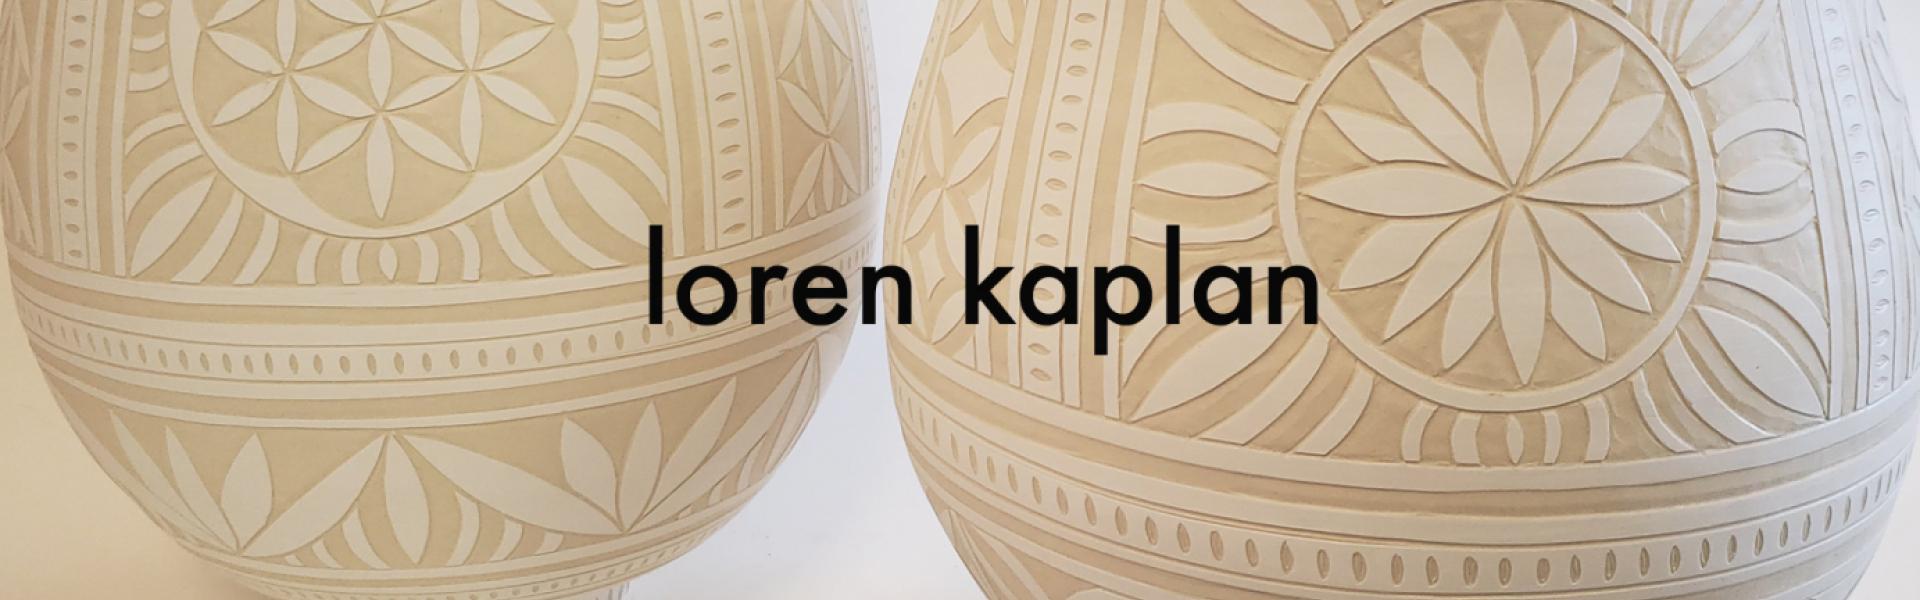 banner_LorenKaplan-TOAE-Banner.20210518120454.jpg